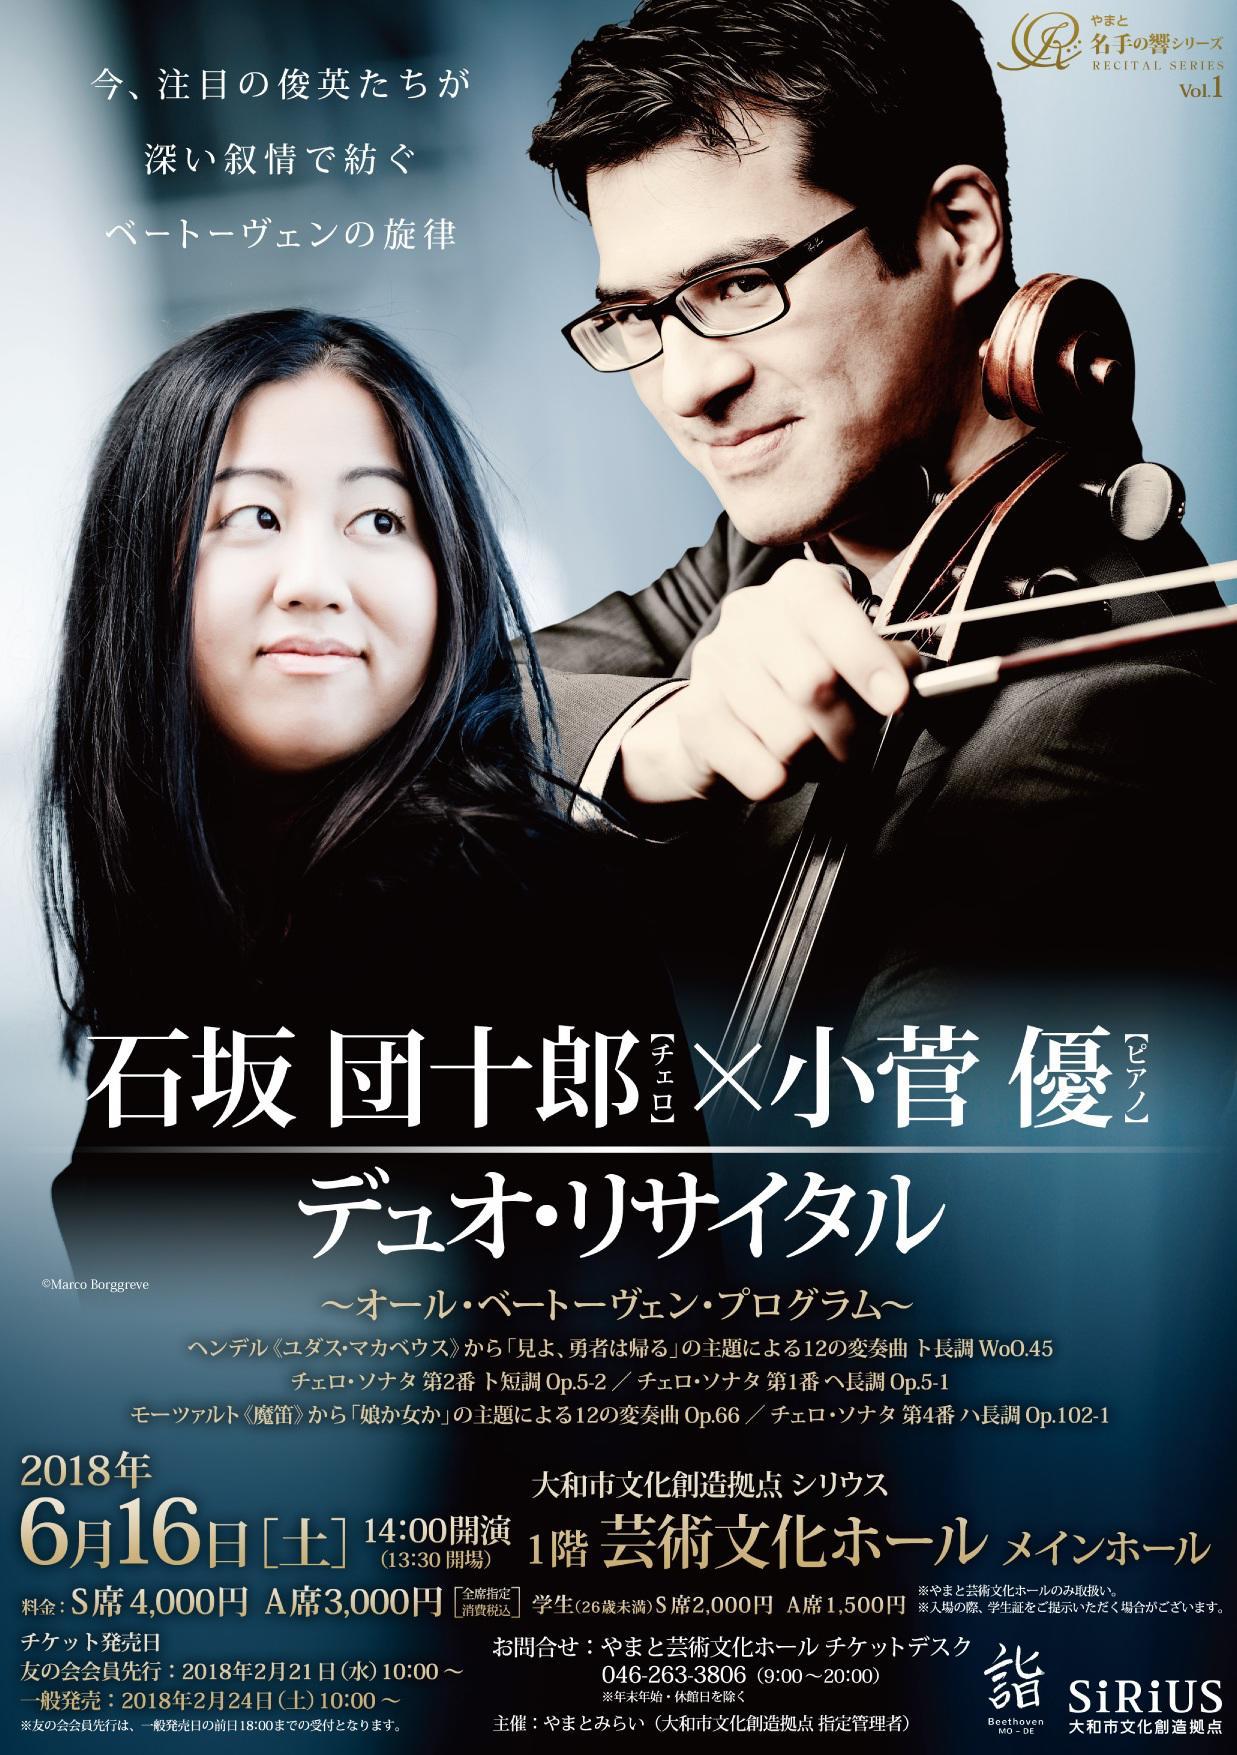 《やまと名手の響シリーズ》石坂団十郎(チェロ)×小菅優(ピアノ) デュオ・リサイタル